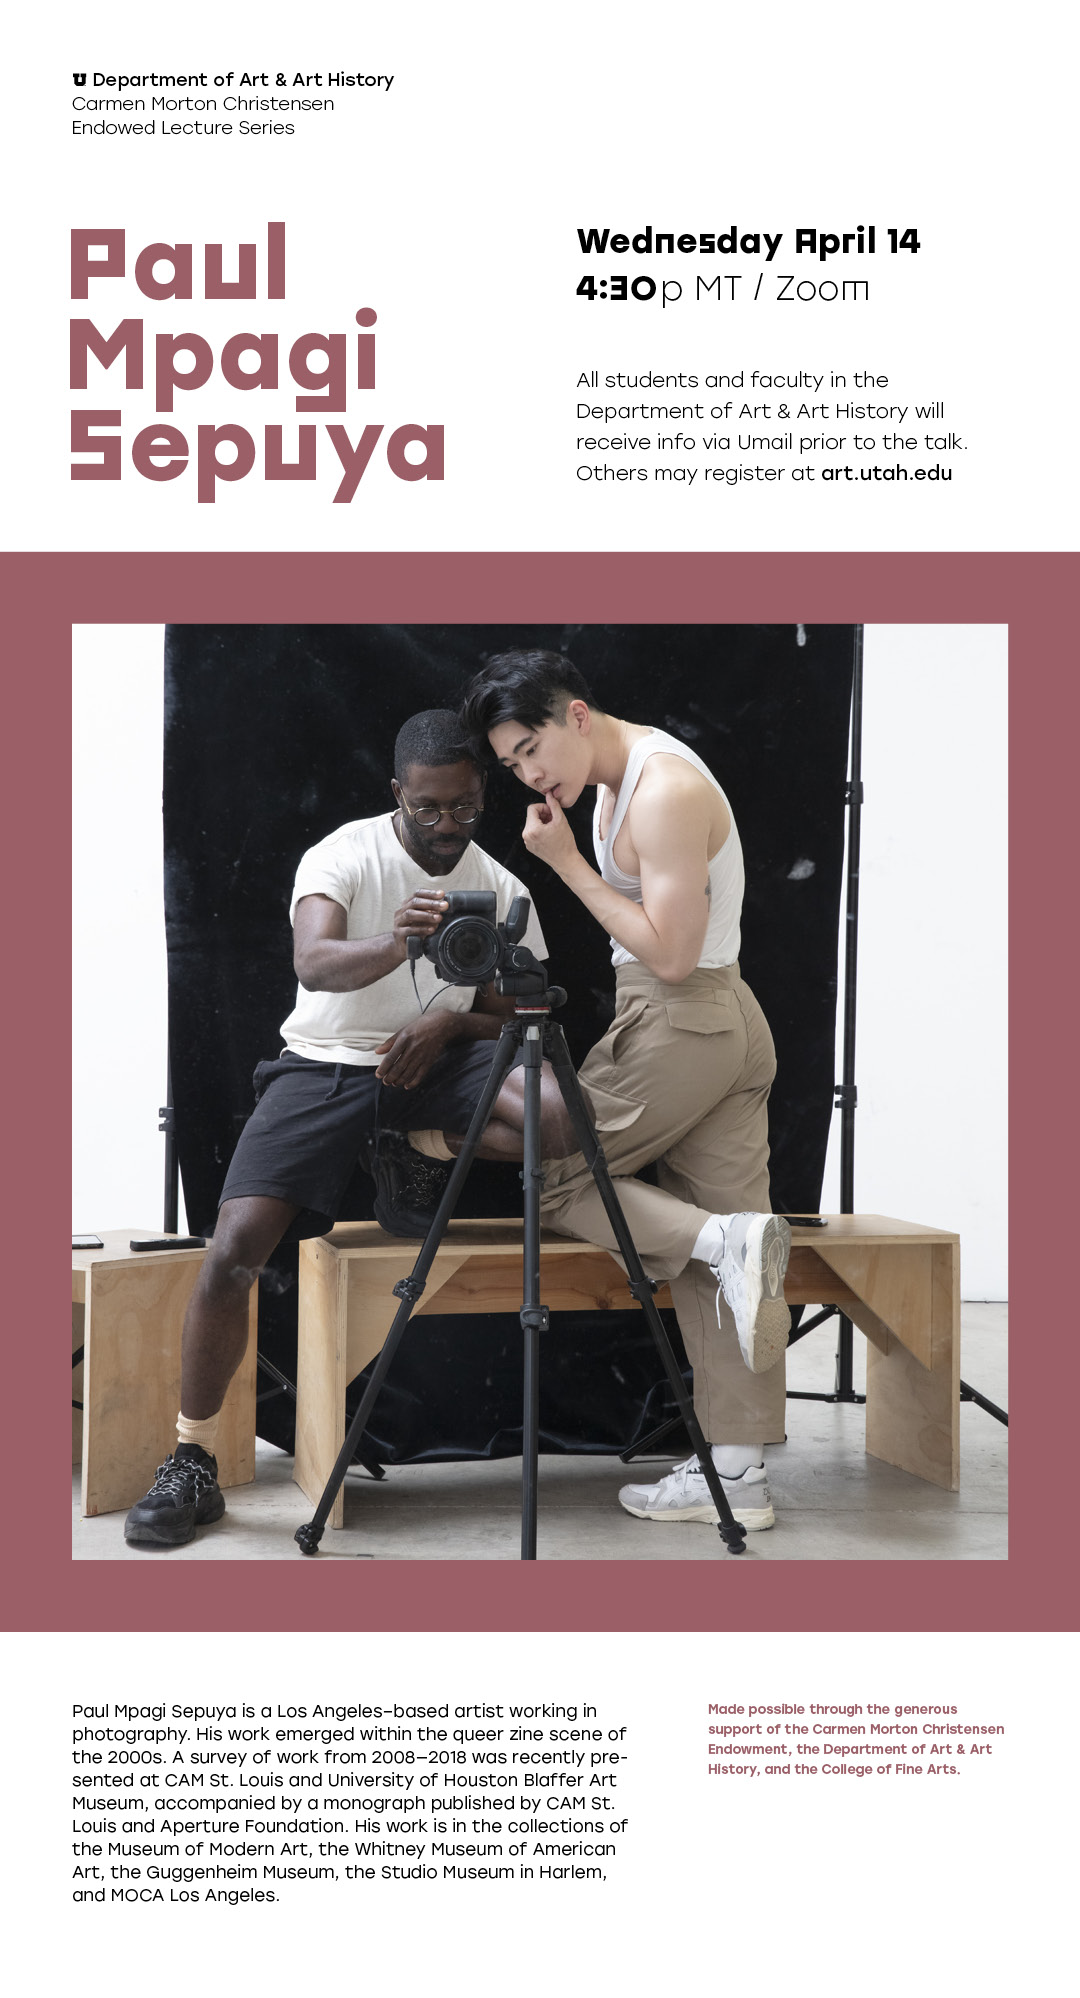 Visiting Artist Paul Mpagi Sepuya